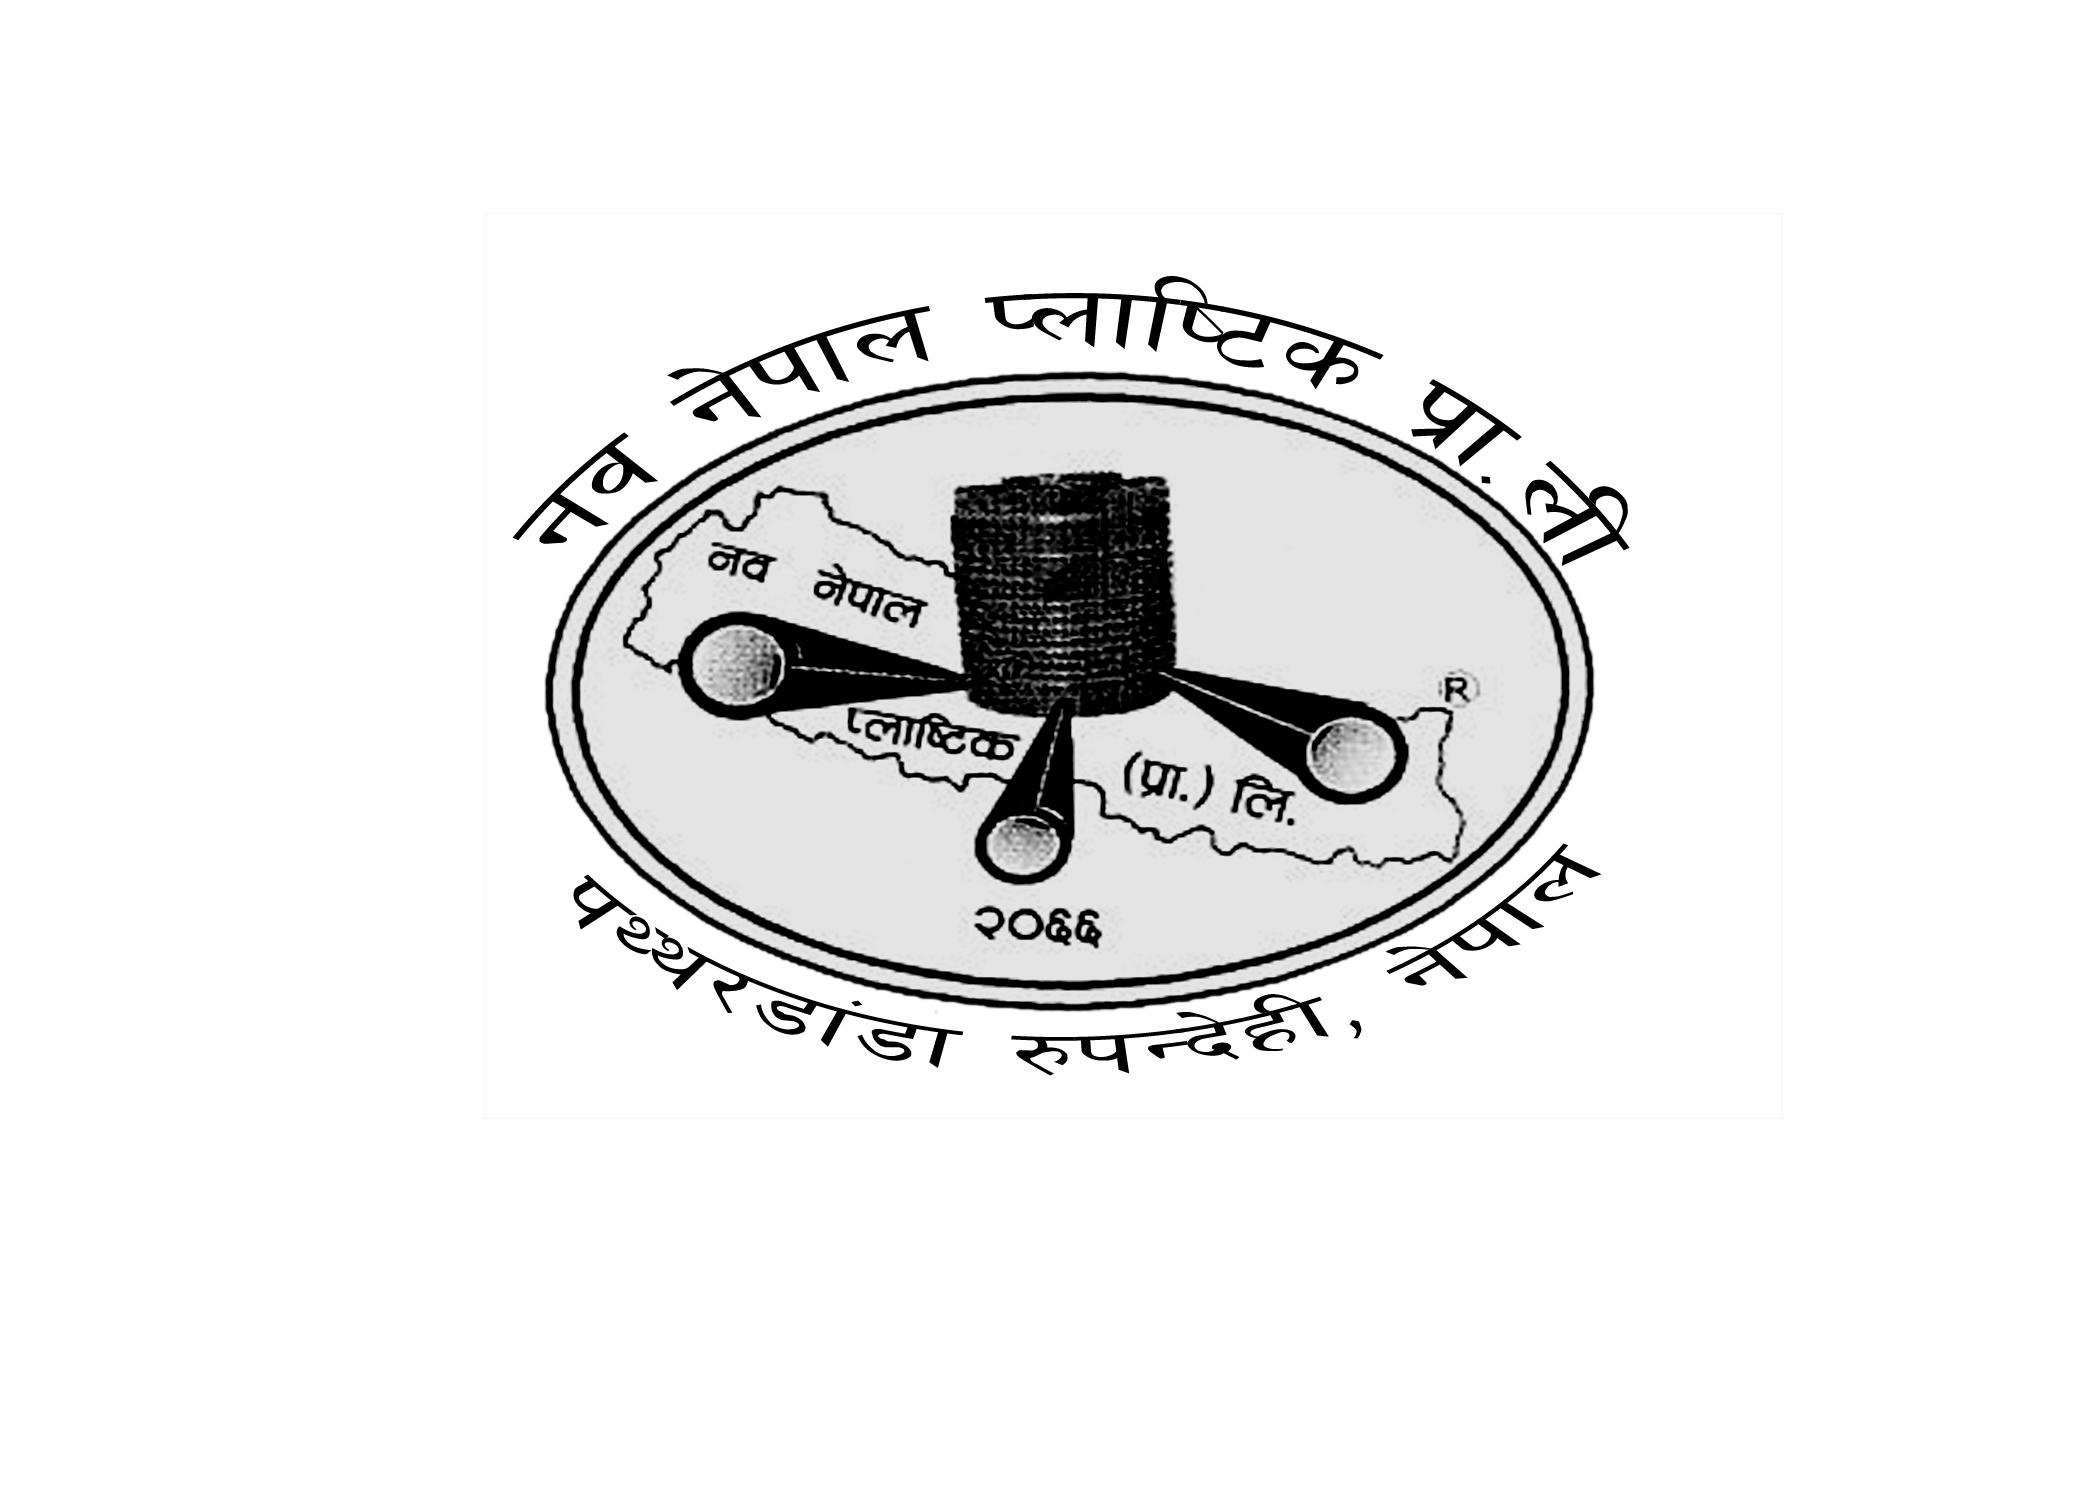 Nawa Nepal Plastic Pvt. Ltd